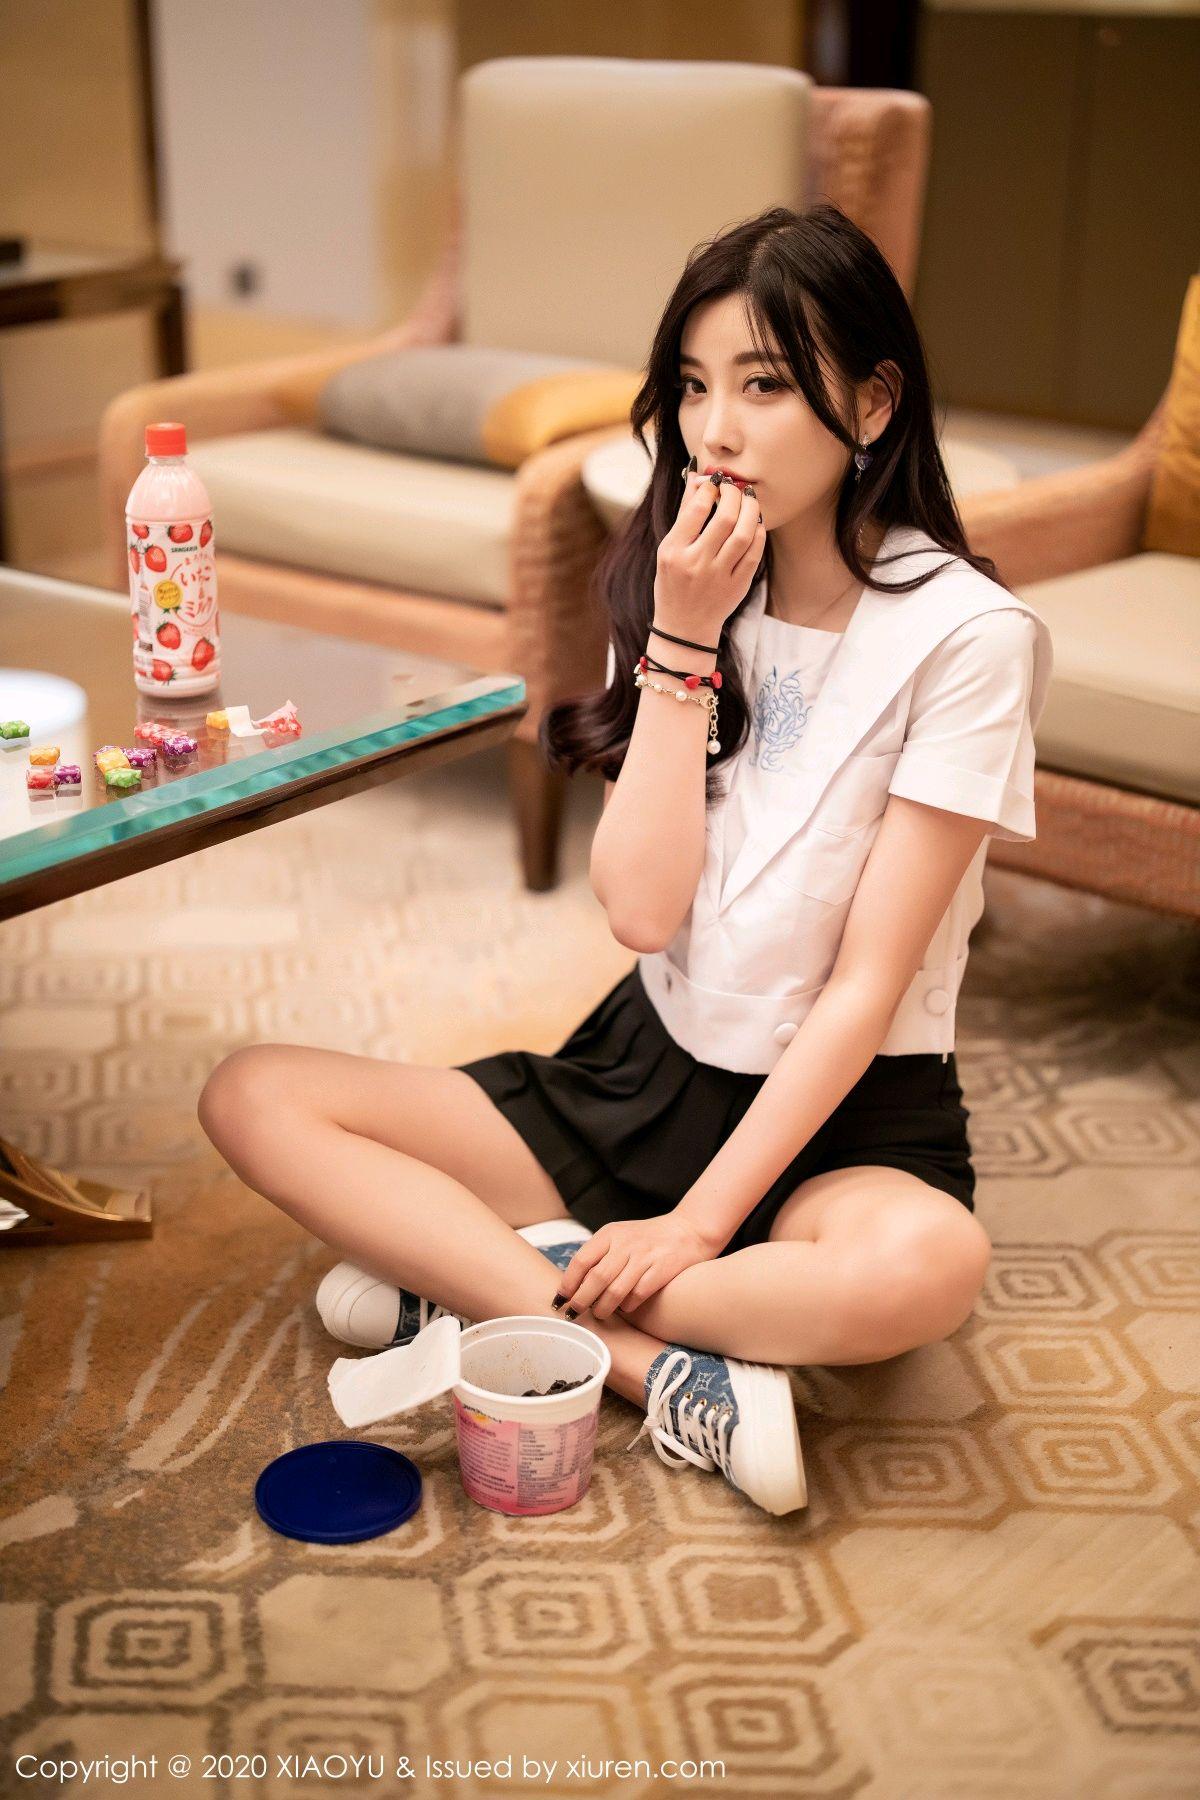 [XIAOYU] Vol.305 Yang Chen Chen 16P, Sexy, Underwear, Uniform, XiaoYu, Yang Chen Chen